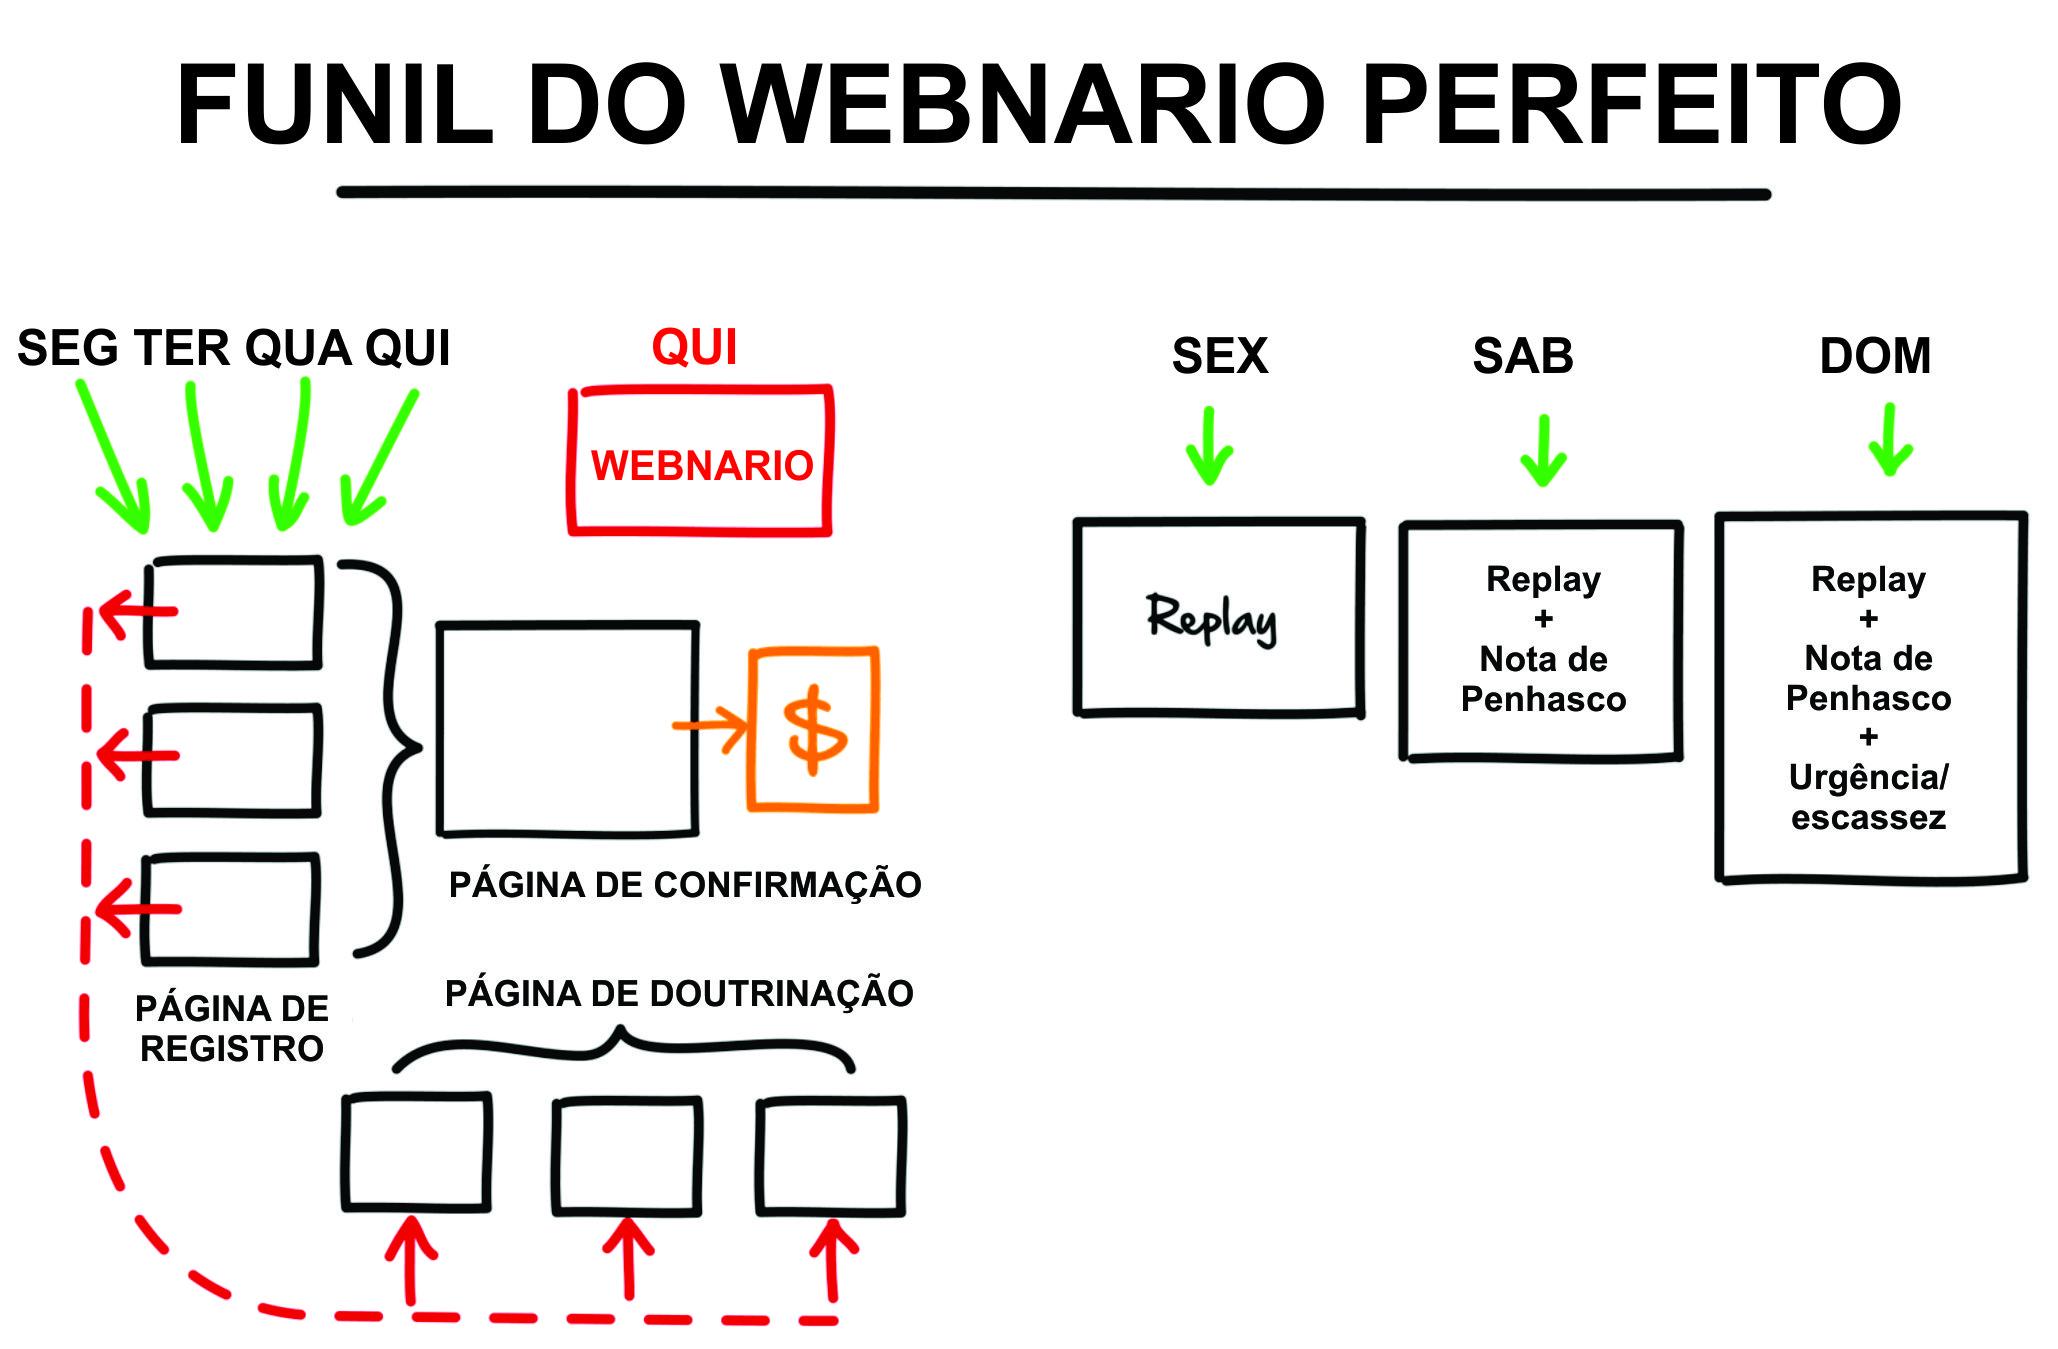 Funil De Webnario